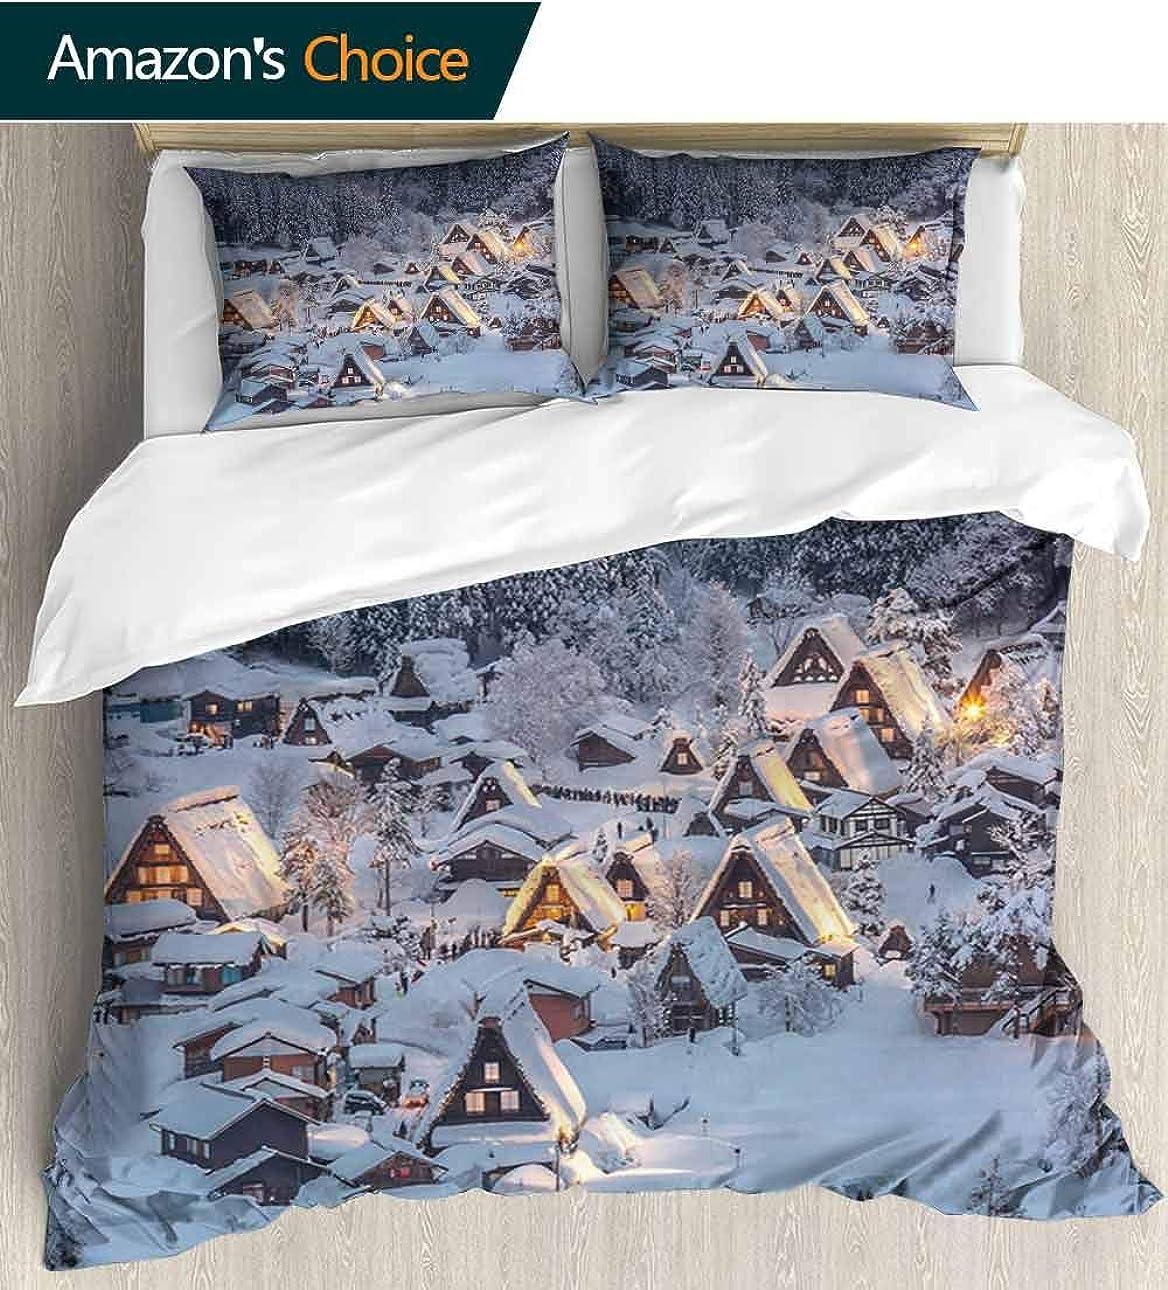 見つけたオン空shirlyhome クジラ 寝具 ベッドスプレッド クジラ ボート アイランド アンカー タコ ジェリーフィス カラフルな花柄プリント - 3ピース 灯台とビーチテーマ 漫画アート Queen - 87